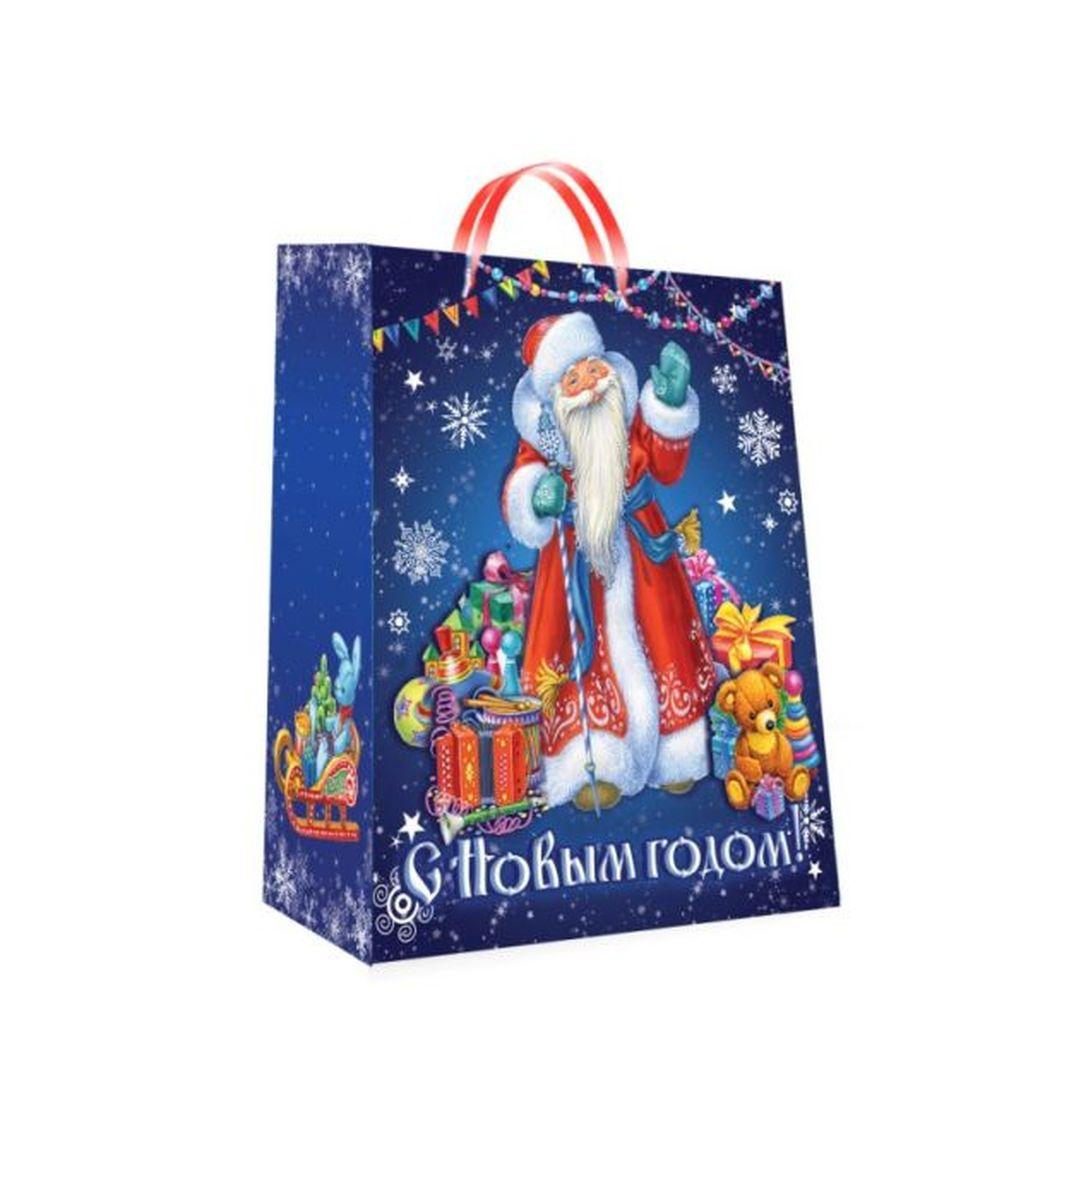 Пакет подарочный Magic Time Дед Мороз, 18 х 23 х 10 см35116Подарочный пакет Magic Time Дед Мороз, изготовленный из плотной бумаги, станетнезаменимым дополнением к выбранному подарку. Пакет выполнен с глянцевойламинацией, что придает ему прочность, аизображению - яркость и насыщенность цветов.Подарок, преподнесенный в оригинальной упаковке, всегда будет самымэффектным и запоминающимся. Окружите близких людей вниманием и заботой,вручив презент в нарядном, праздничном оформлении. Плотность бумаги: 140 г/м2.